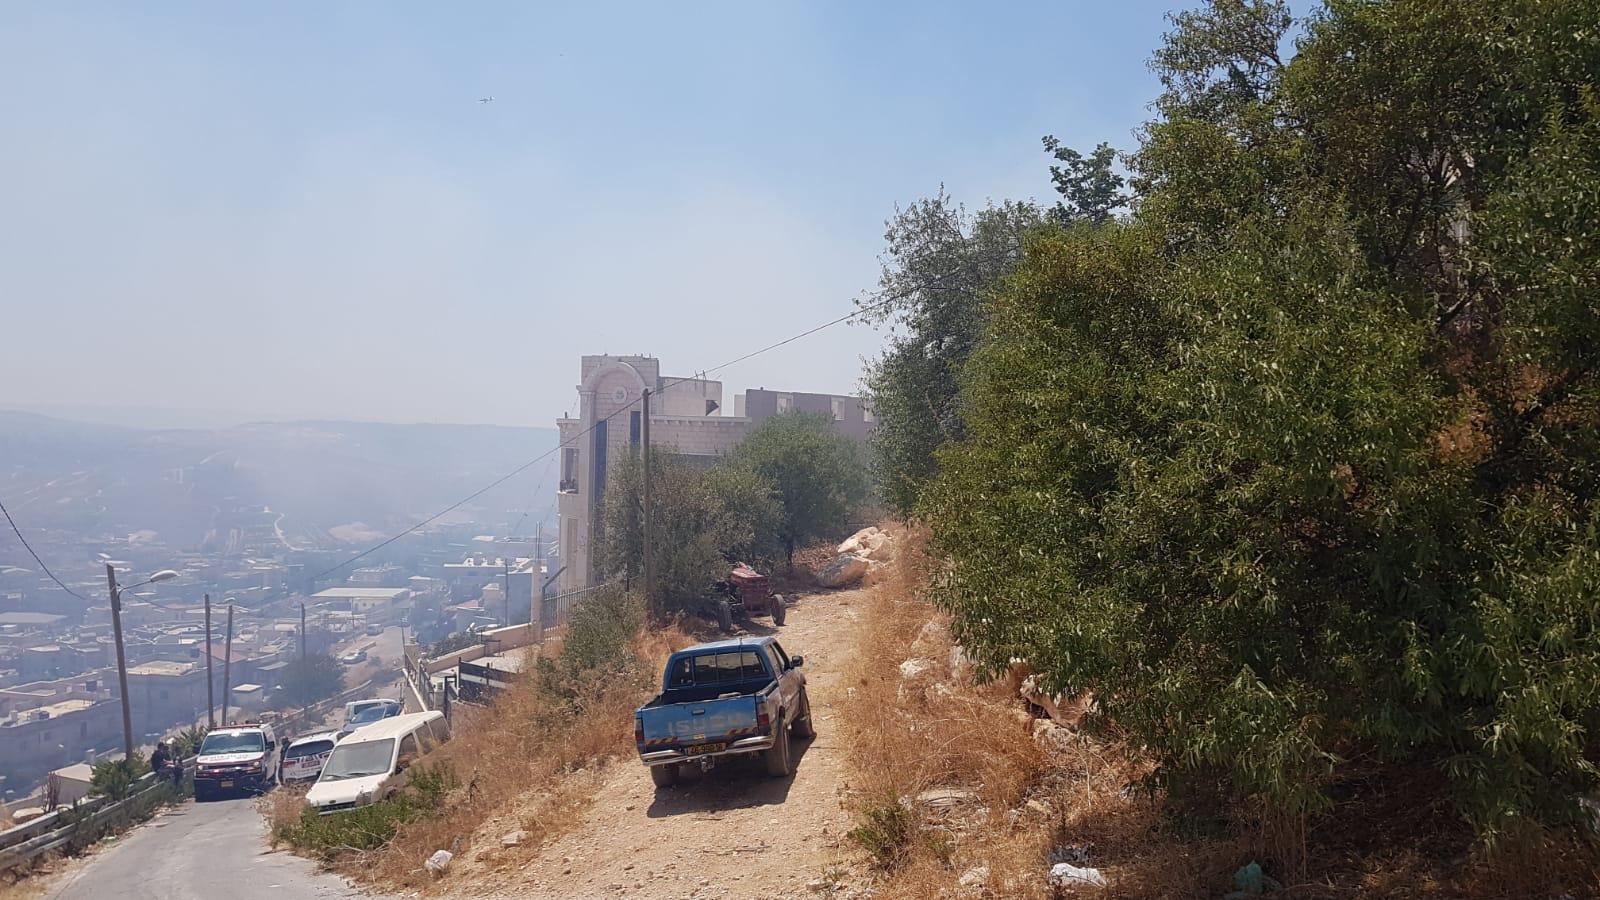 حريقان قرب منازل مأهولة في نحف وكفر كنا